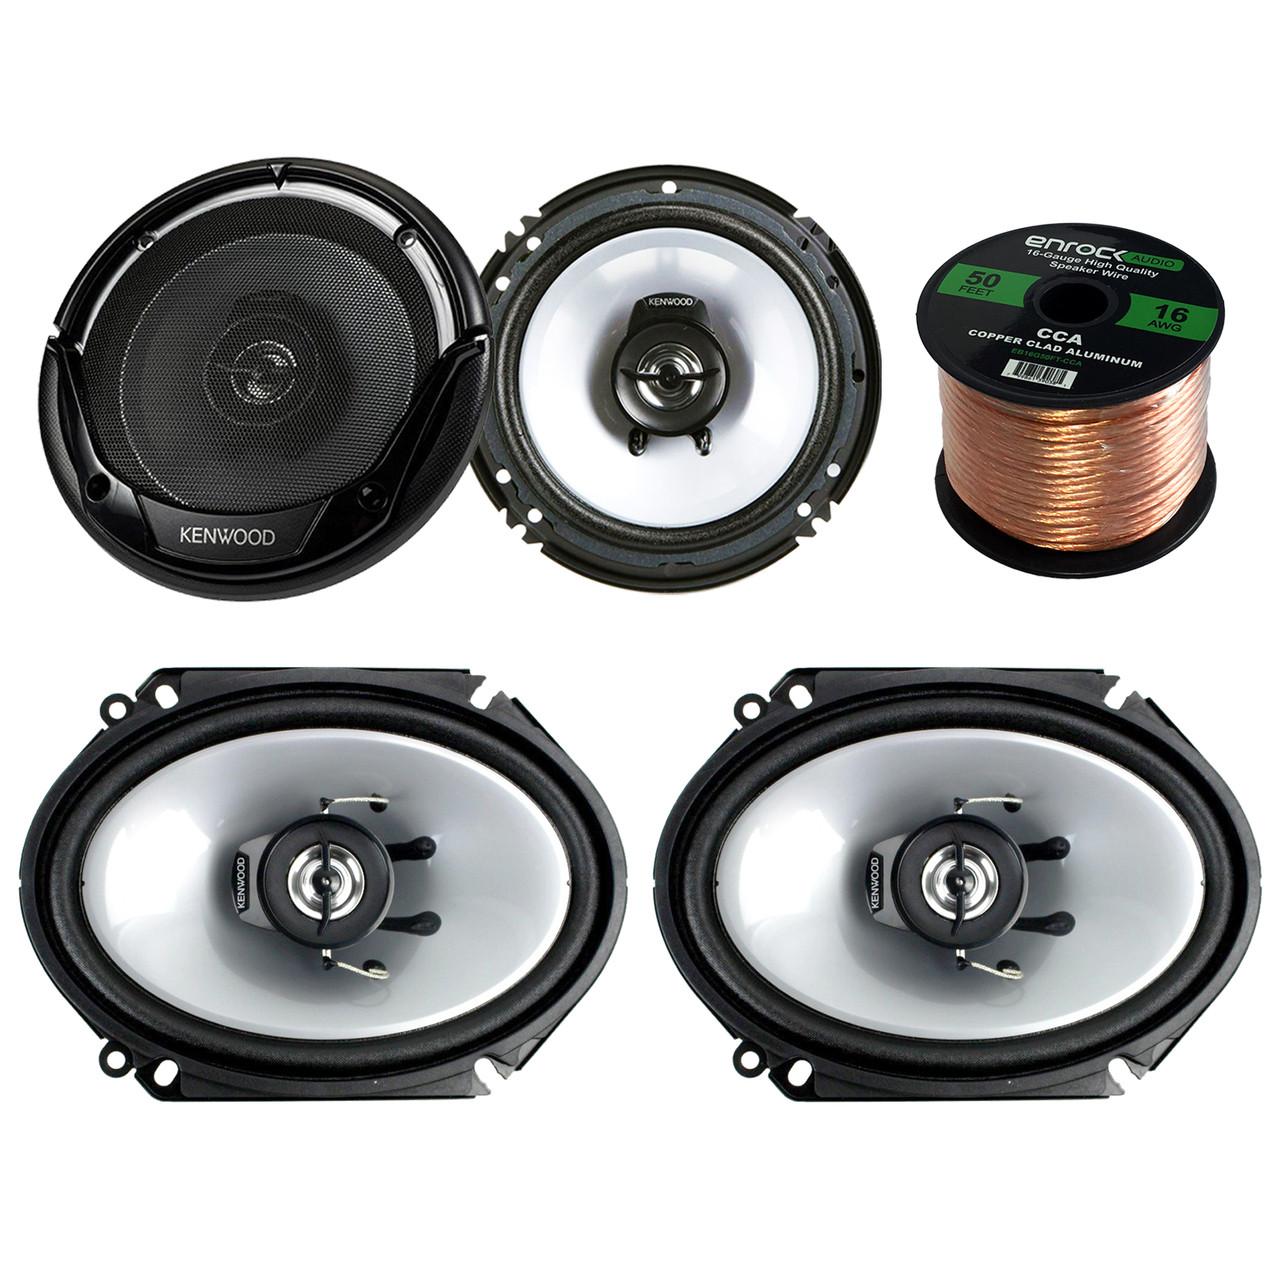 Enrock 16g 50 Ft Speaker Wire 2 Pair Car Speaker Package of 2X Kenwood KFC-C1355S 5 1//4 250-Watt 2-Way Flush Mount Coaxial Speakers 2X KFC-1665S 6 1//2 Inch 2-Way Black Dual Cone Speakers